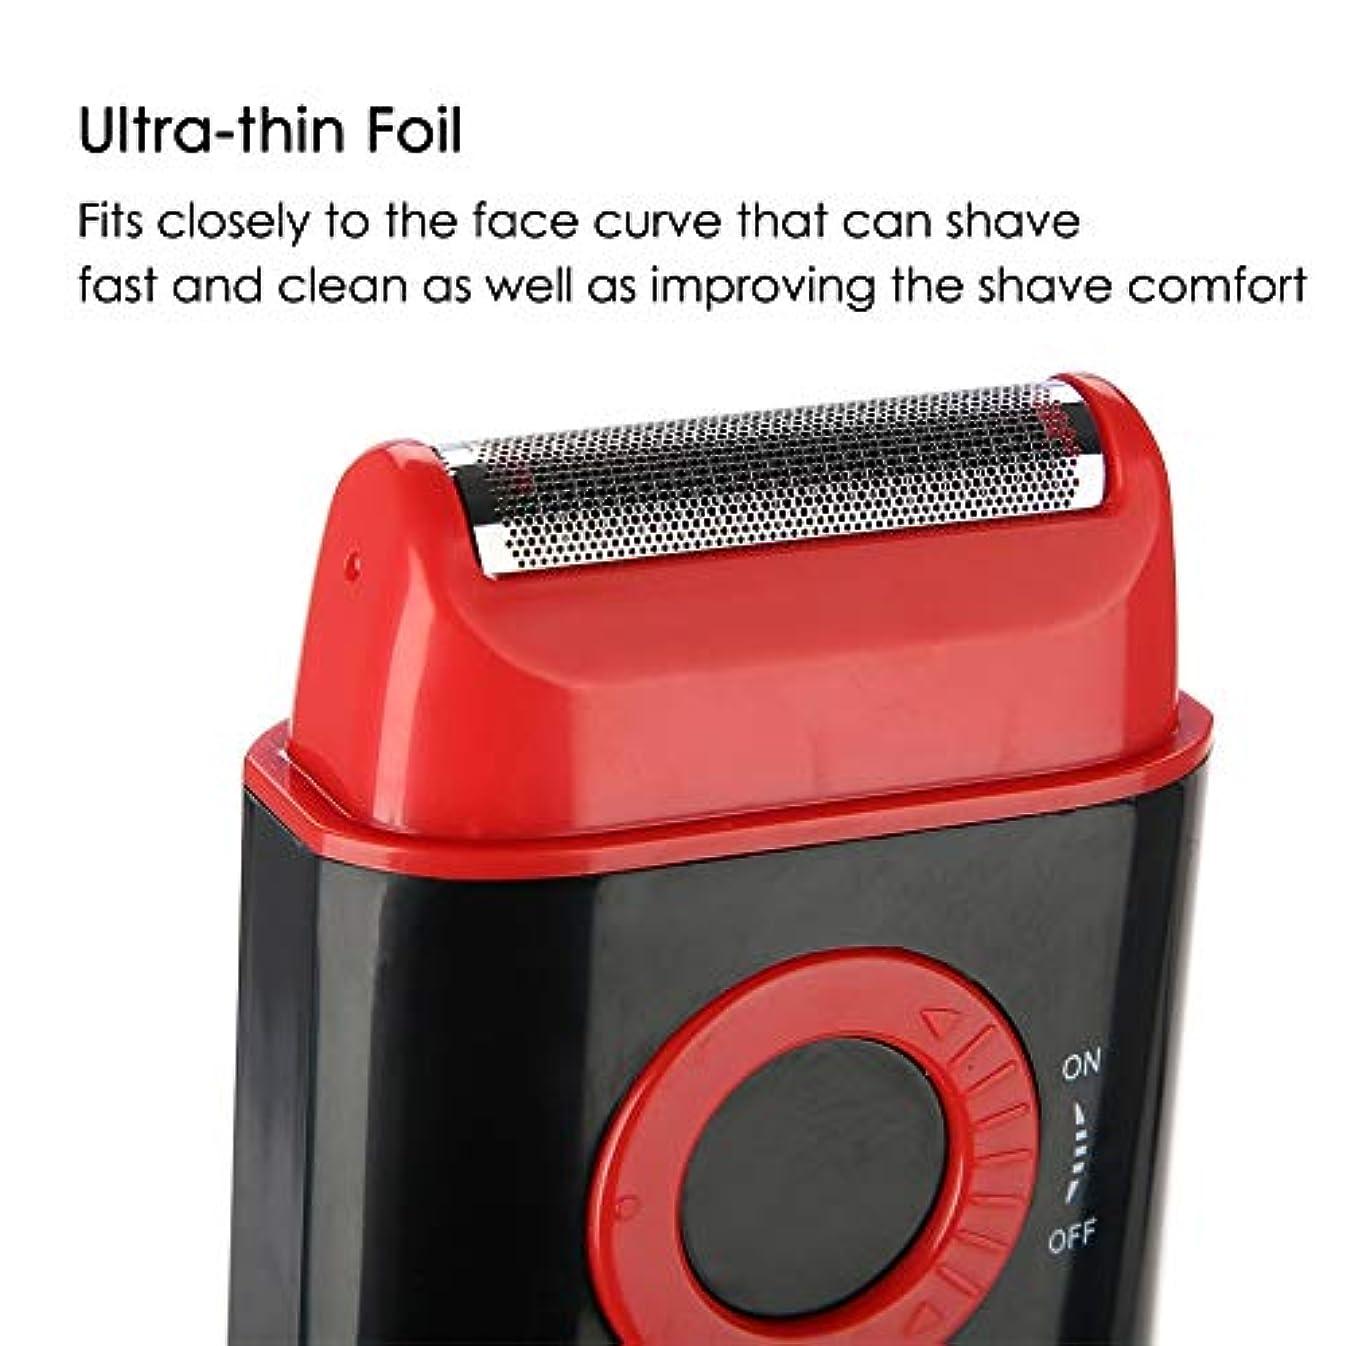 カプセル深く許容電気シェーバー 剃刀 男性 超薄型箔ポップアップひげトリマー単3電池のパワーシェービングカミソリ (レッド)